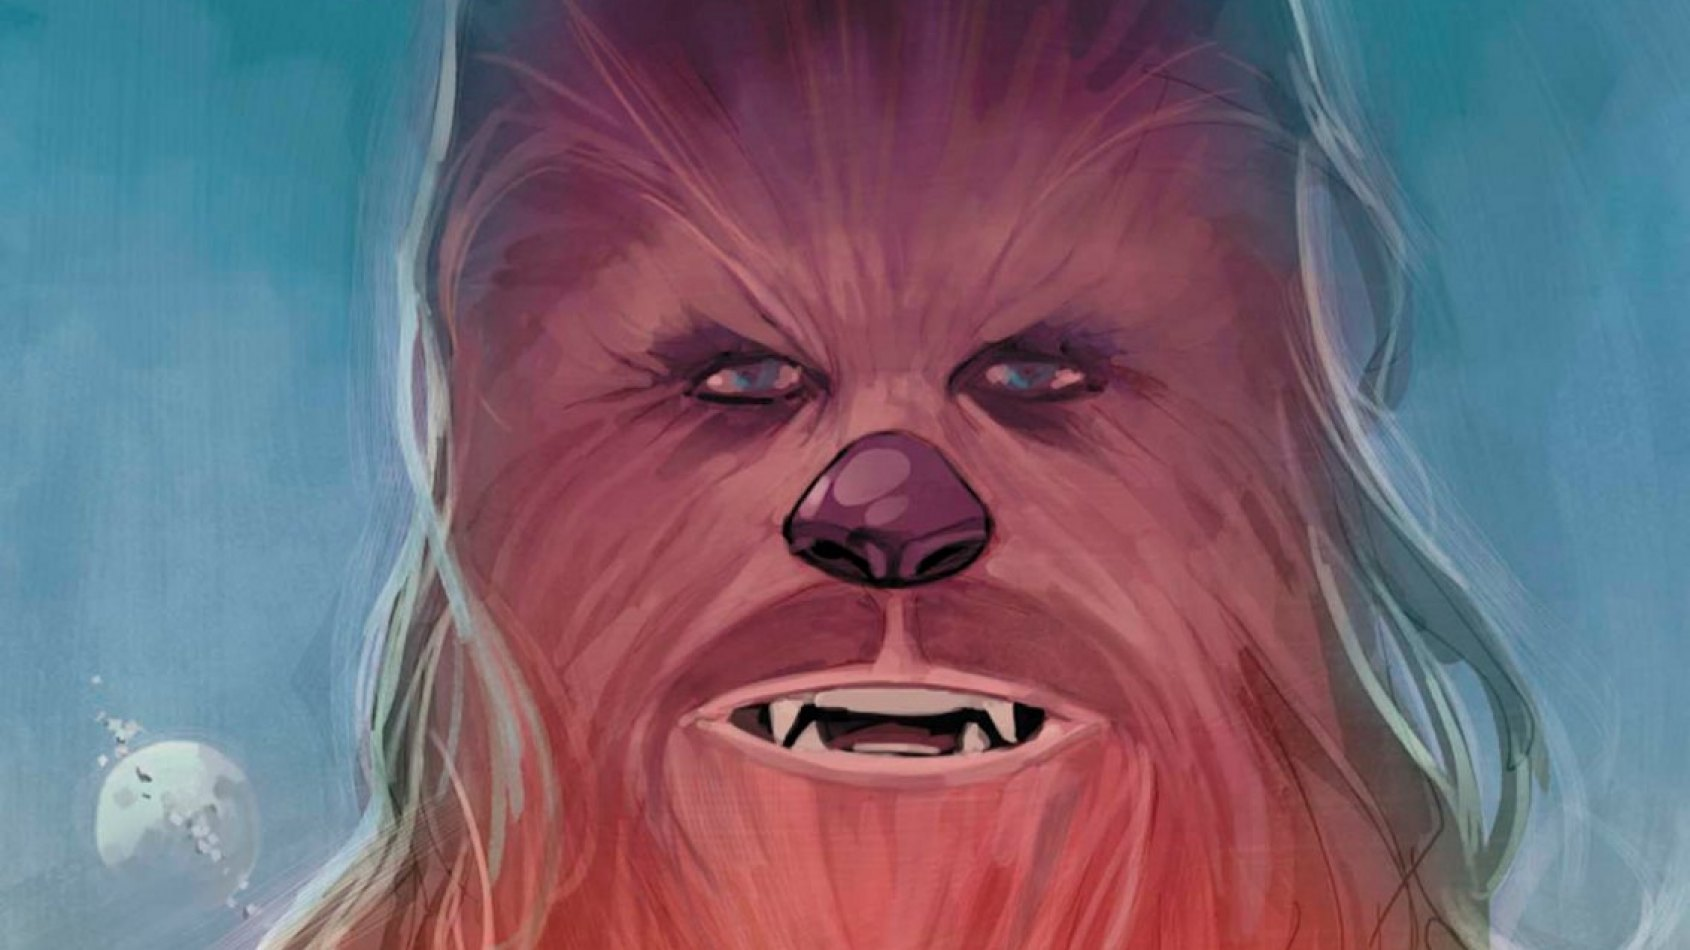 Panini : la couverture de Chewbacca